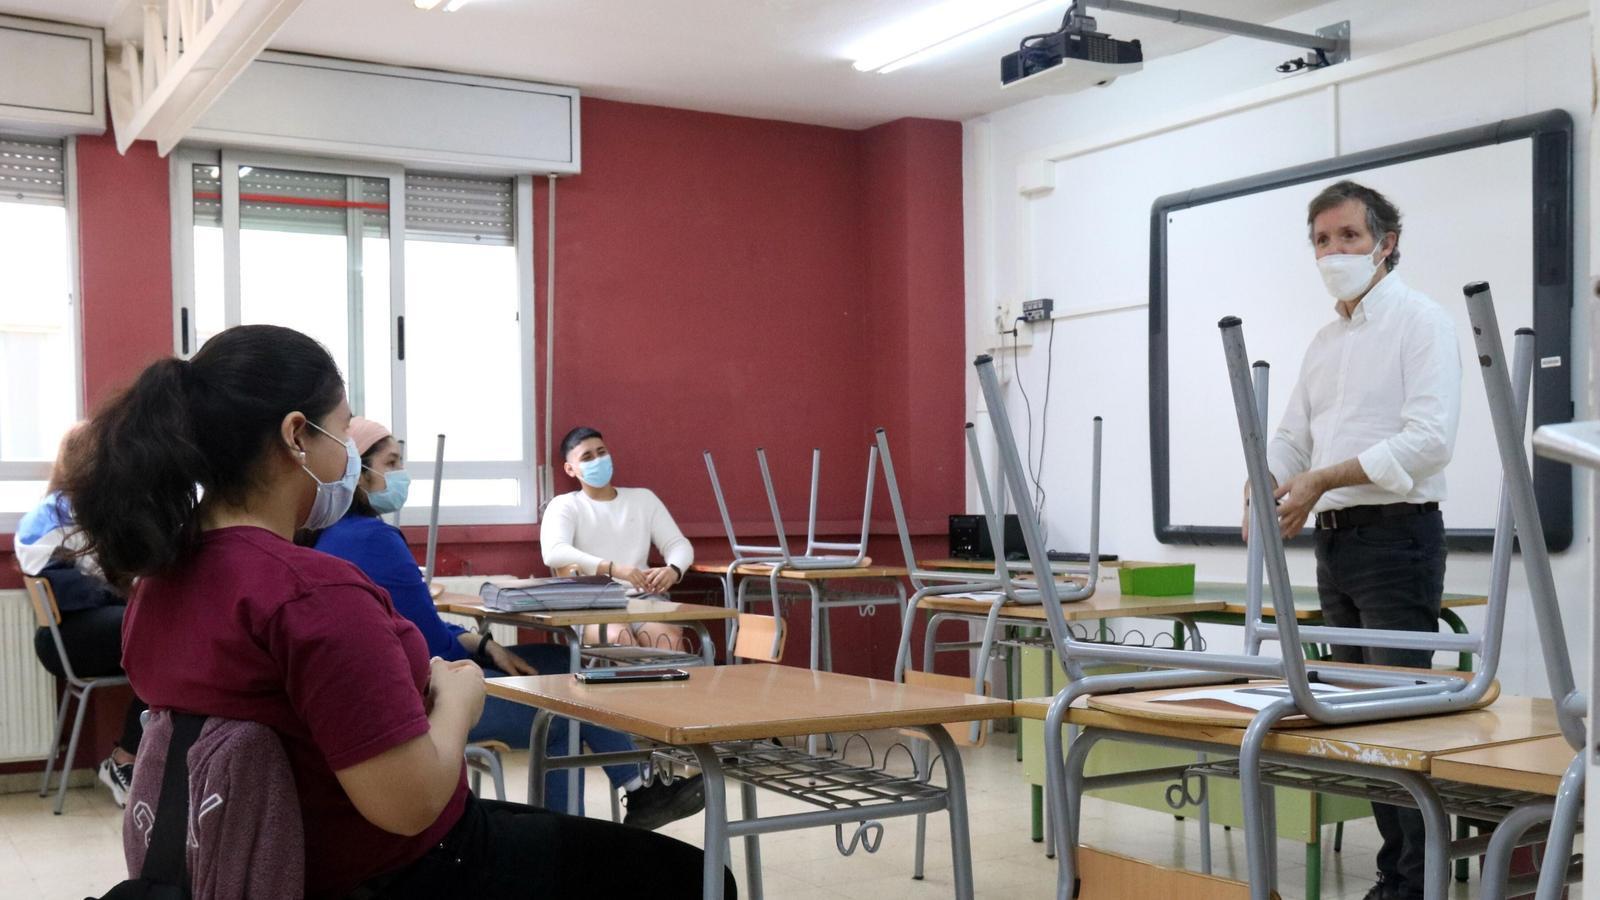 Els estudiants de batxillerat i FP faran més classes virtuals a partir de dilluns i durant tot el trimestre